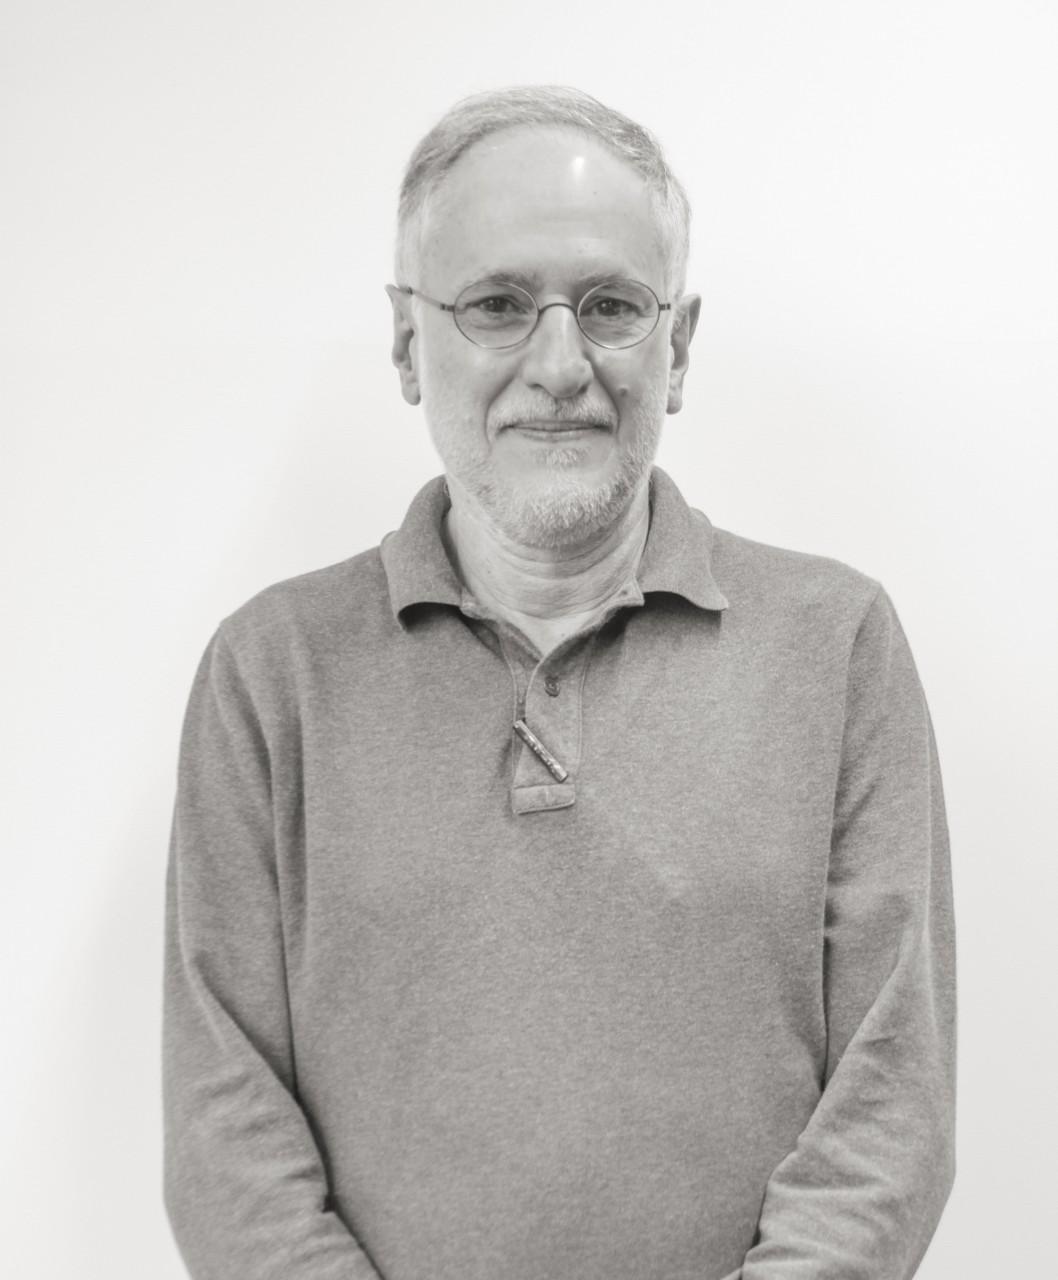 Giorgio Giogi